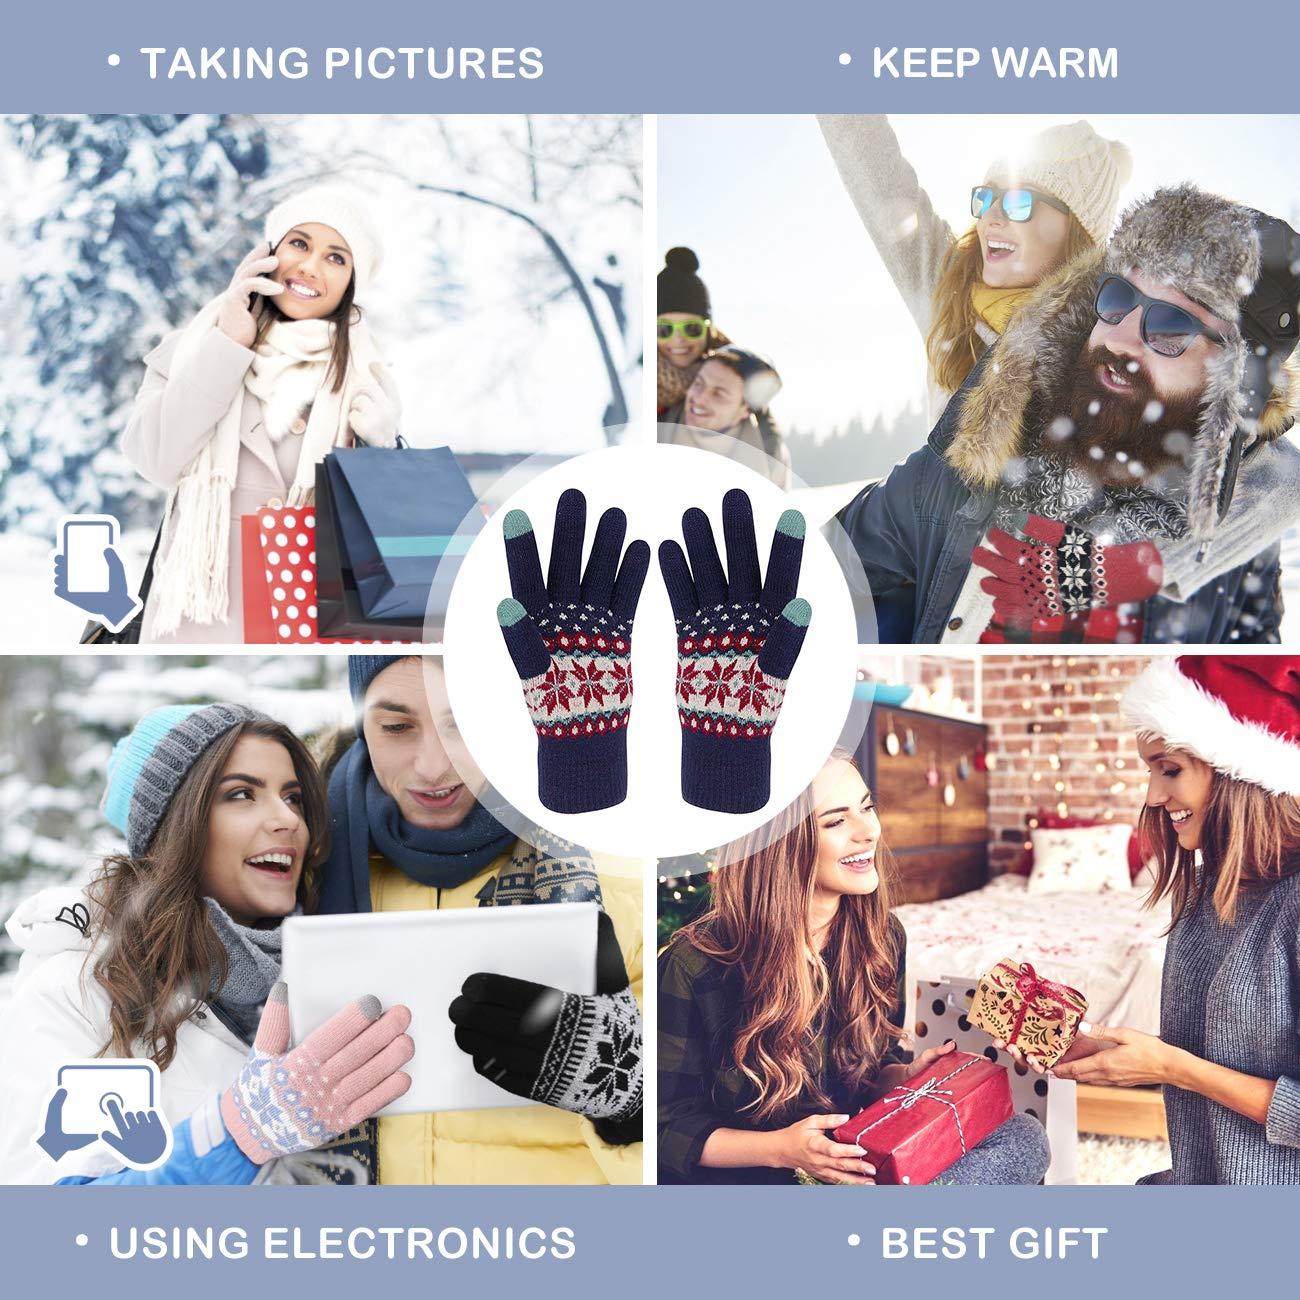 con polsino elastico Veni Masee per uomini e donne caldi termici e morbidi guanti invernali per touch screen